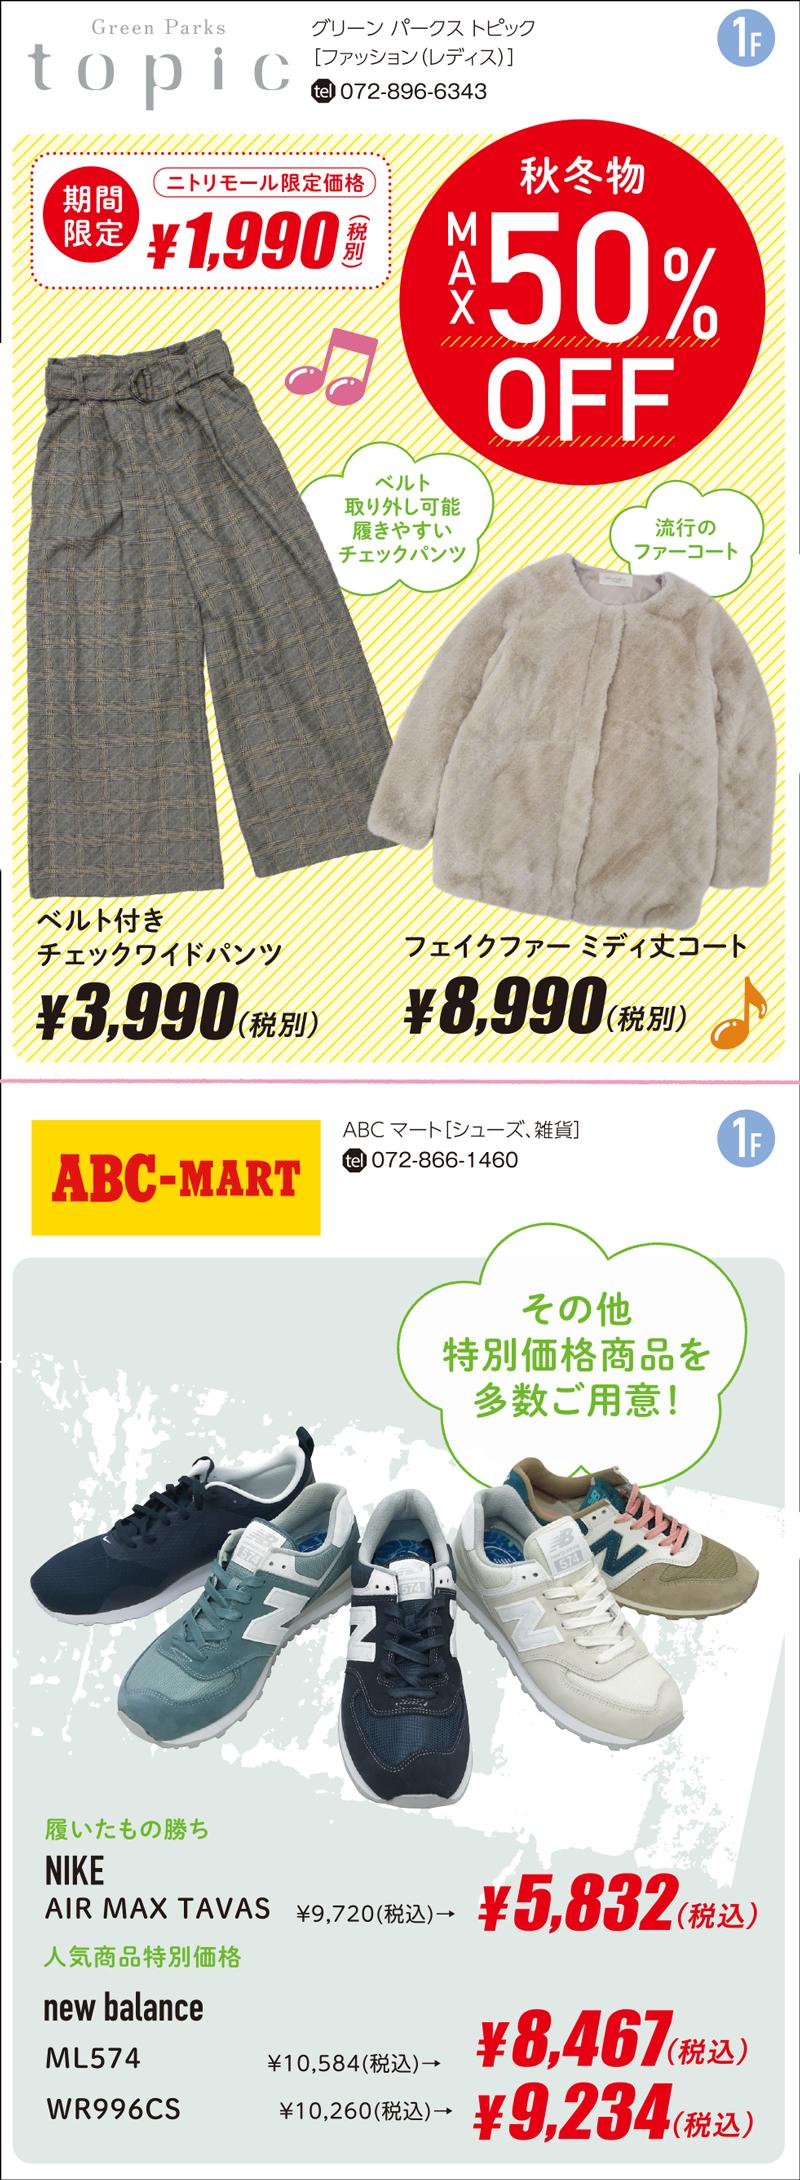 グリーンパークス・ABCマート